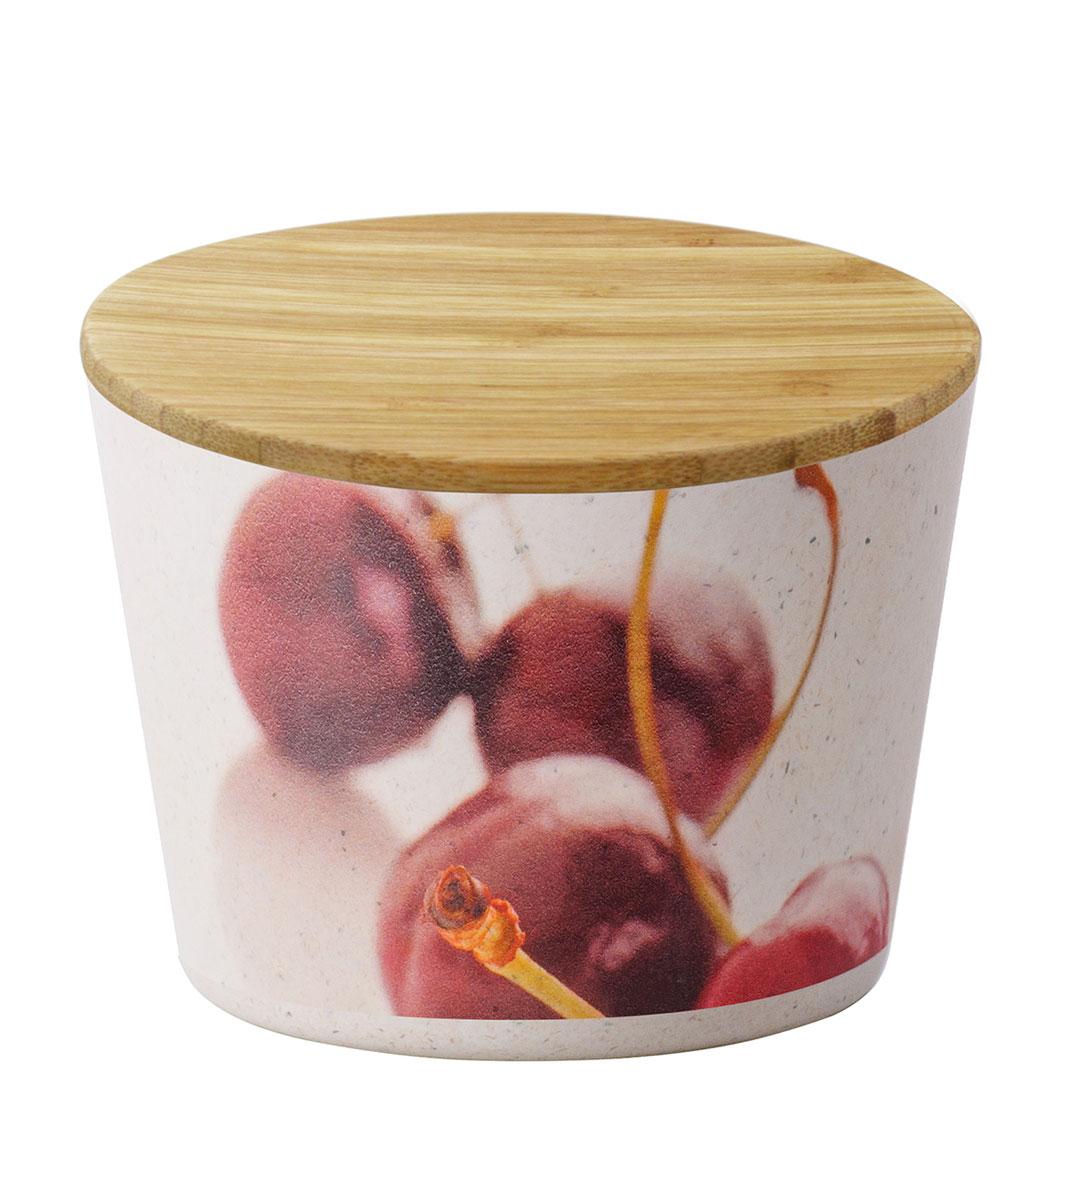 Банка для сыпучих продуктов Regent Inox Bamboo, цвет: бежевый, 0,65 л93-BP-V09-10Банка для сыпучих продуктов Regent Inox Bamboo изготовлена из прессованных бамбуковых волокон и оформлена изображением вишенок. Бамбук обладает натуральными антибактериальными свойствами, имеет высокую прочность и долговечность использования. Не расслаивается, не деформируется и не впитывает запахи. Материал полностью разлагается в земле после утилизации, не вредит окружающей среде и имеет температуру эксплуатации от -20 до +100 °C. Банка для сыпучих продуктов Regent Inox Bamboo оснащена плотно закрывающейся крышкой с термоусадкой. Благодаря этому внутри сохраняется герметичность, и продукты дольше остаются свежими. Изделие предназначено для хранения различных сыпучих продуктов: круп, чая, сахара, орехов и т.д. Функциональная и вместительная, такая банка станет незаменимым аксессуаром на любой кухне. Не рекомендуется использовать в СВЧ печах и в посудомоечной машине.